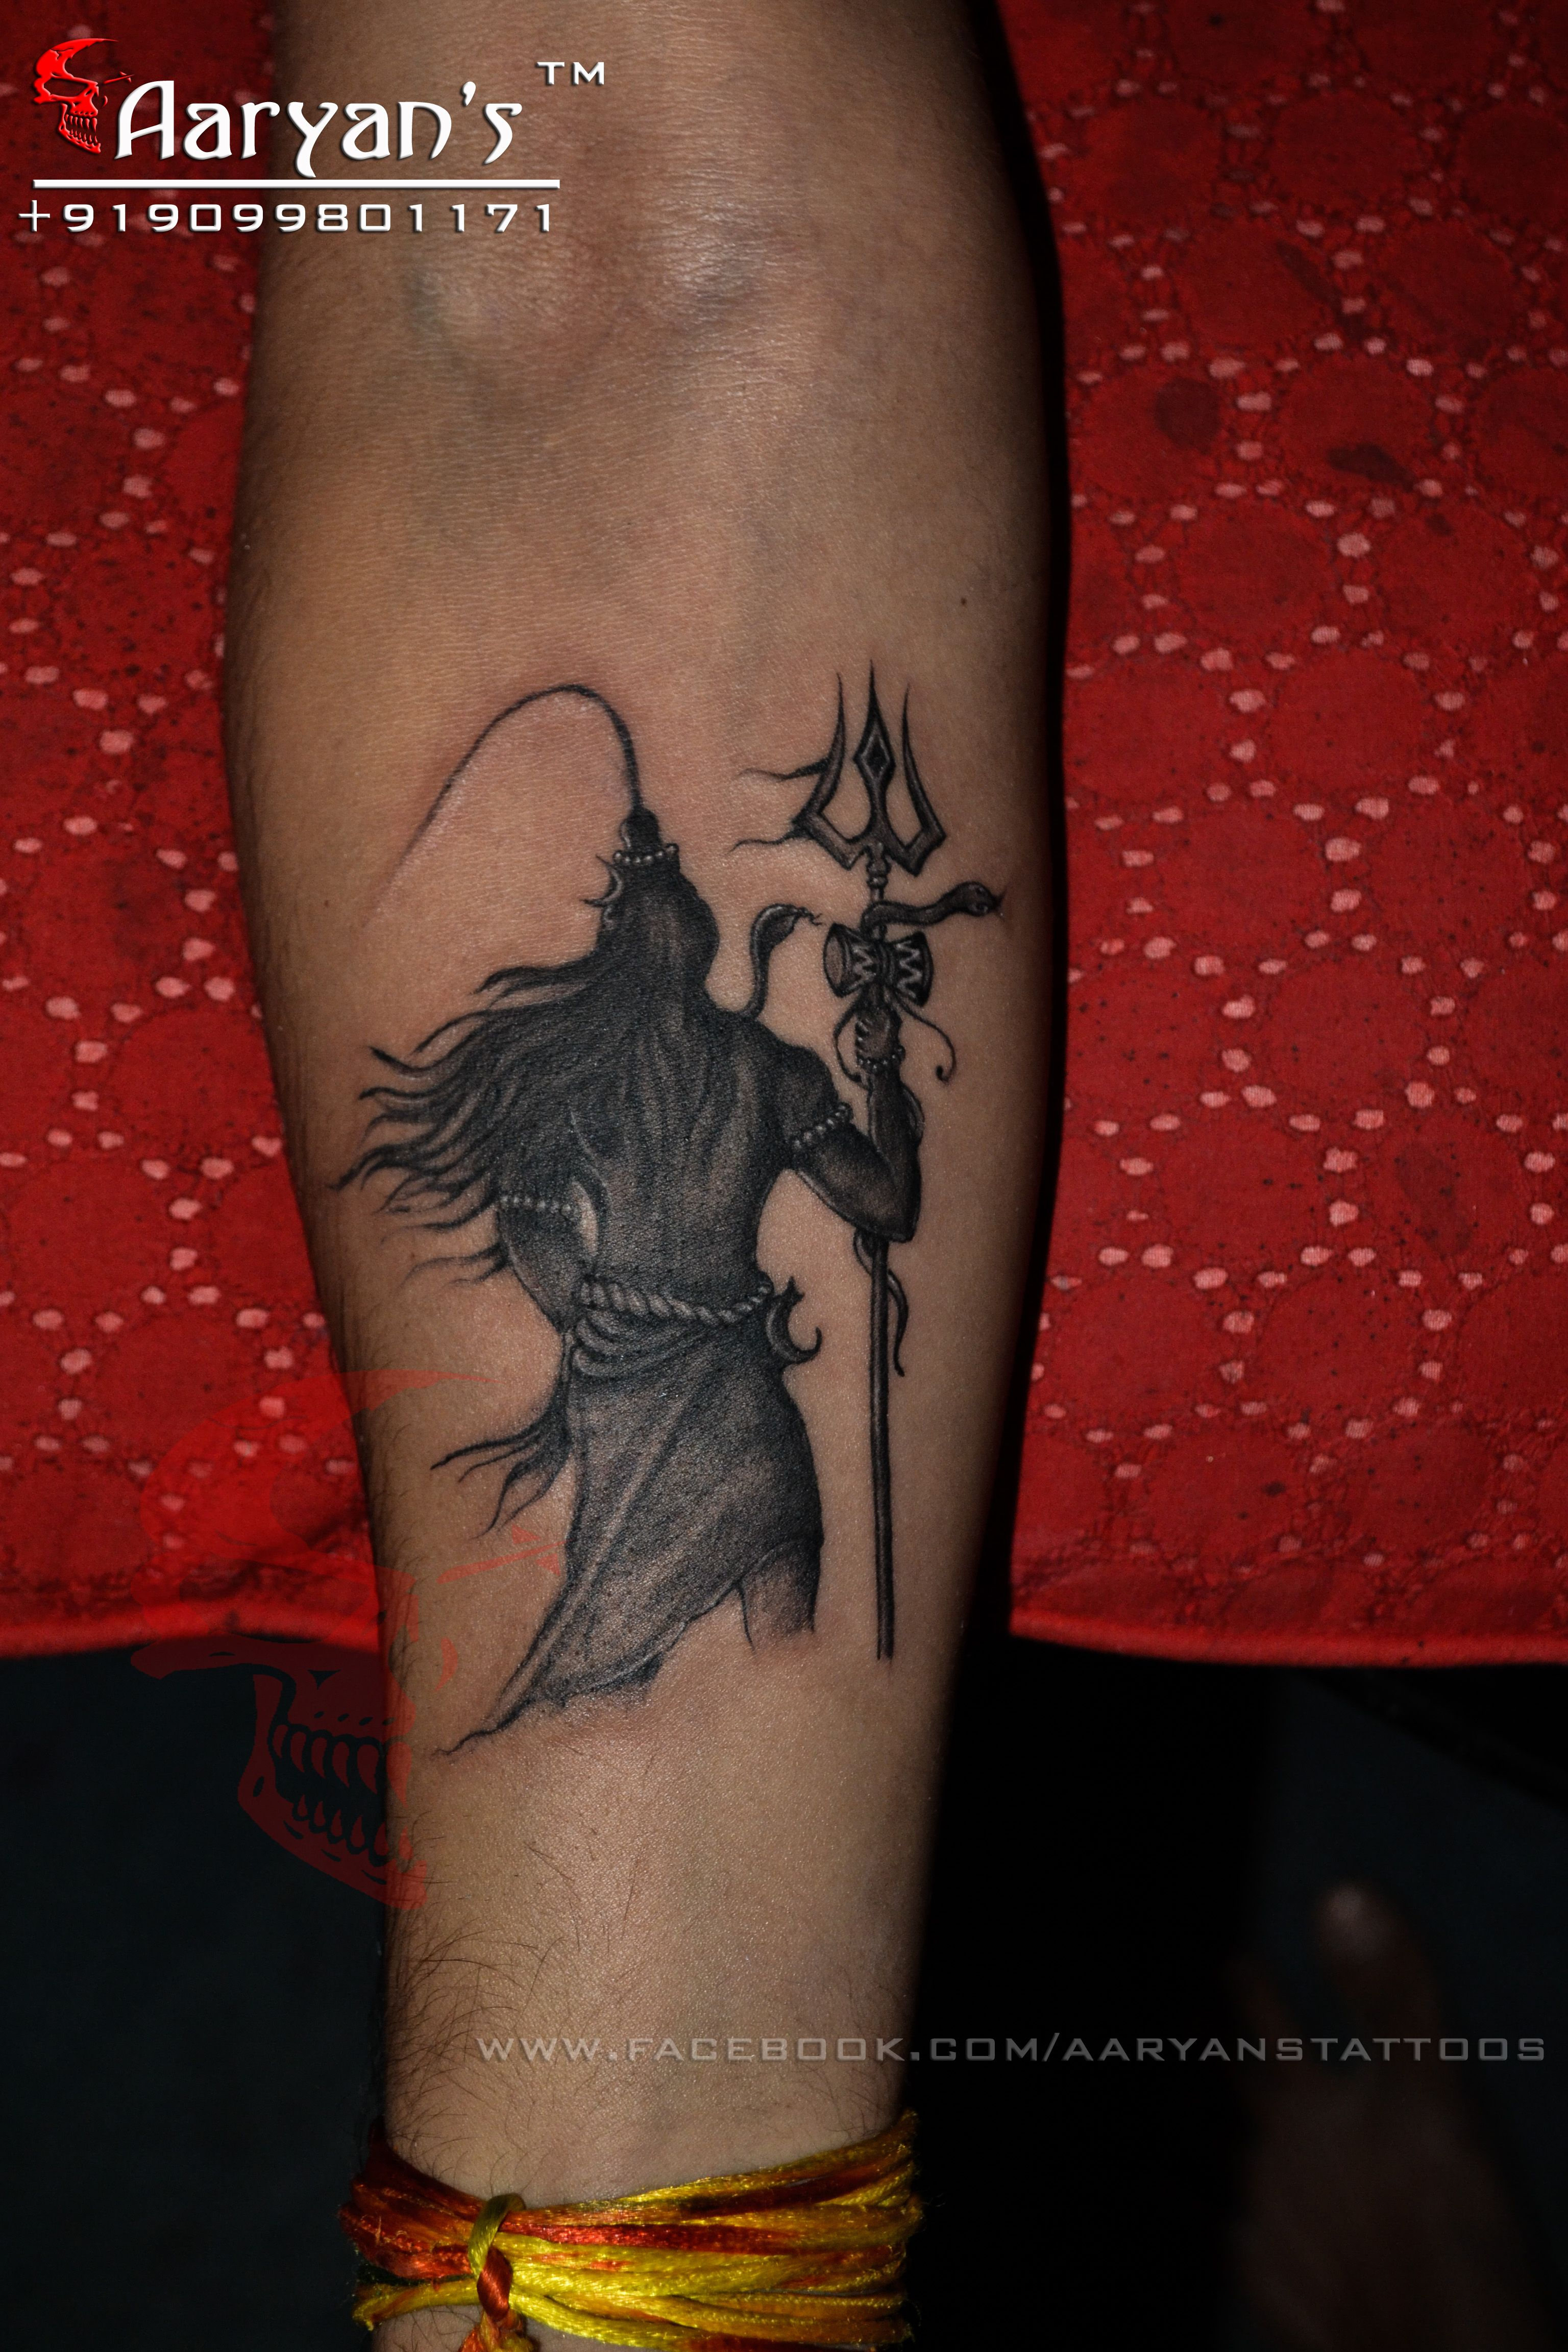 Har Har Mahadev, Jay Mahakal, Lord Shiva tattoo done by.